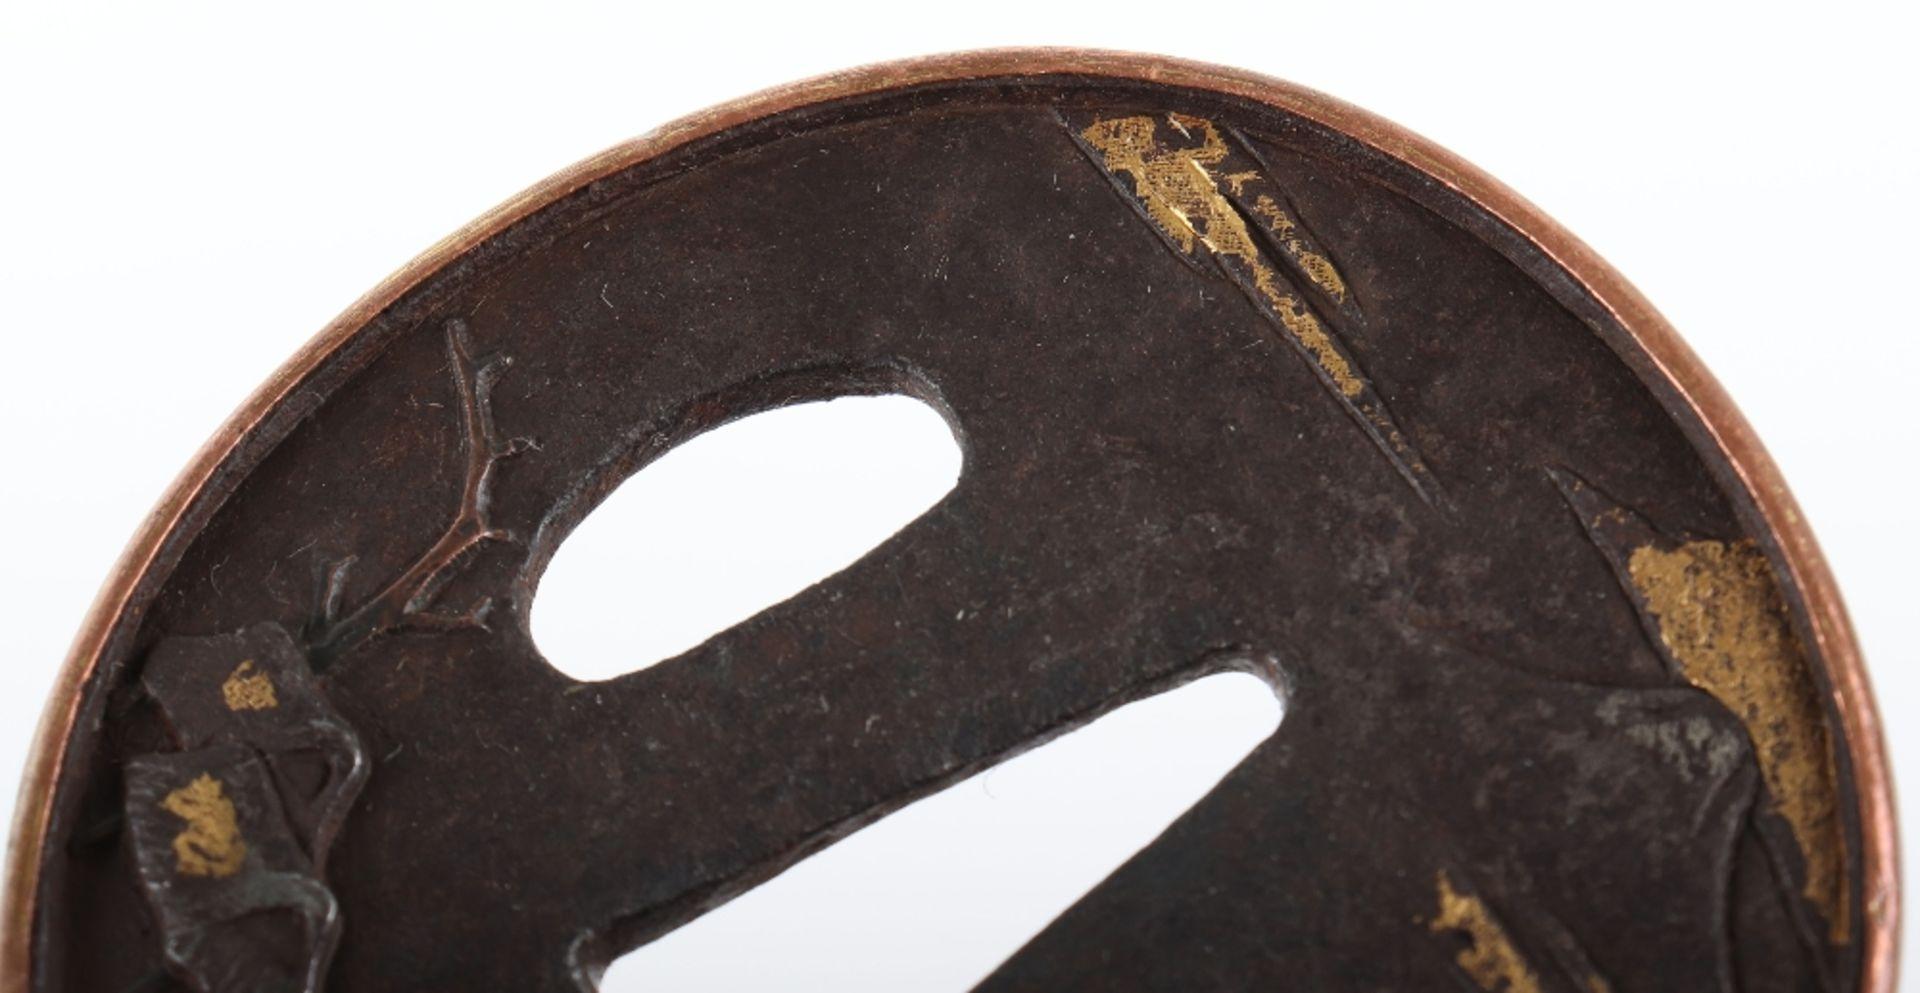 Japanese Oval Iron Edo Tsuba, 19th Century - Image 4 of 8